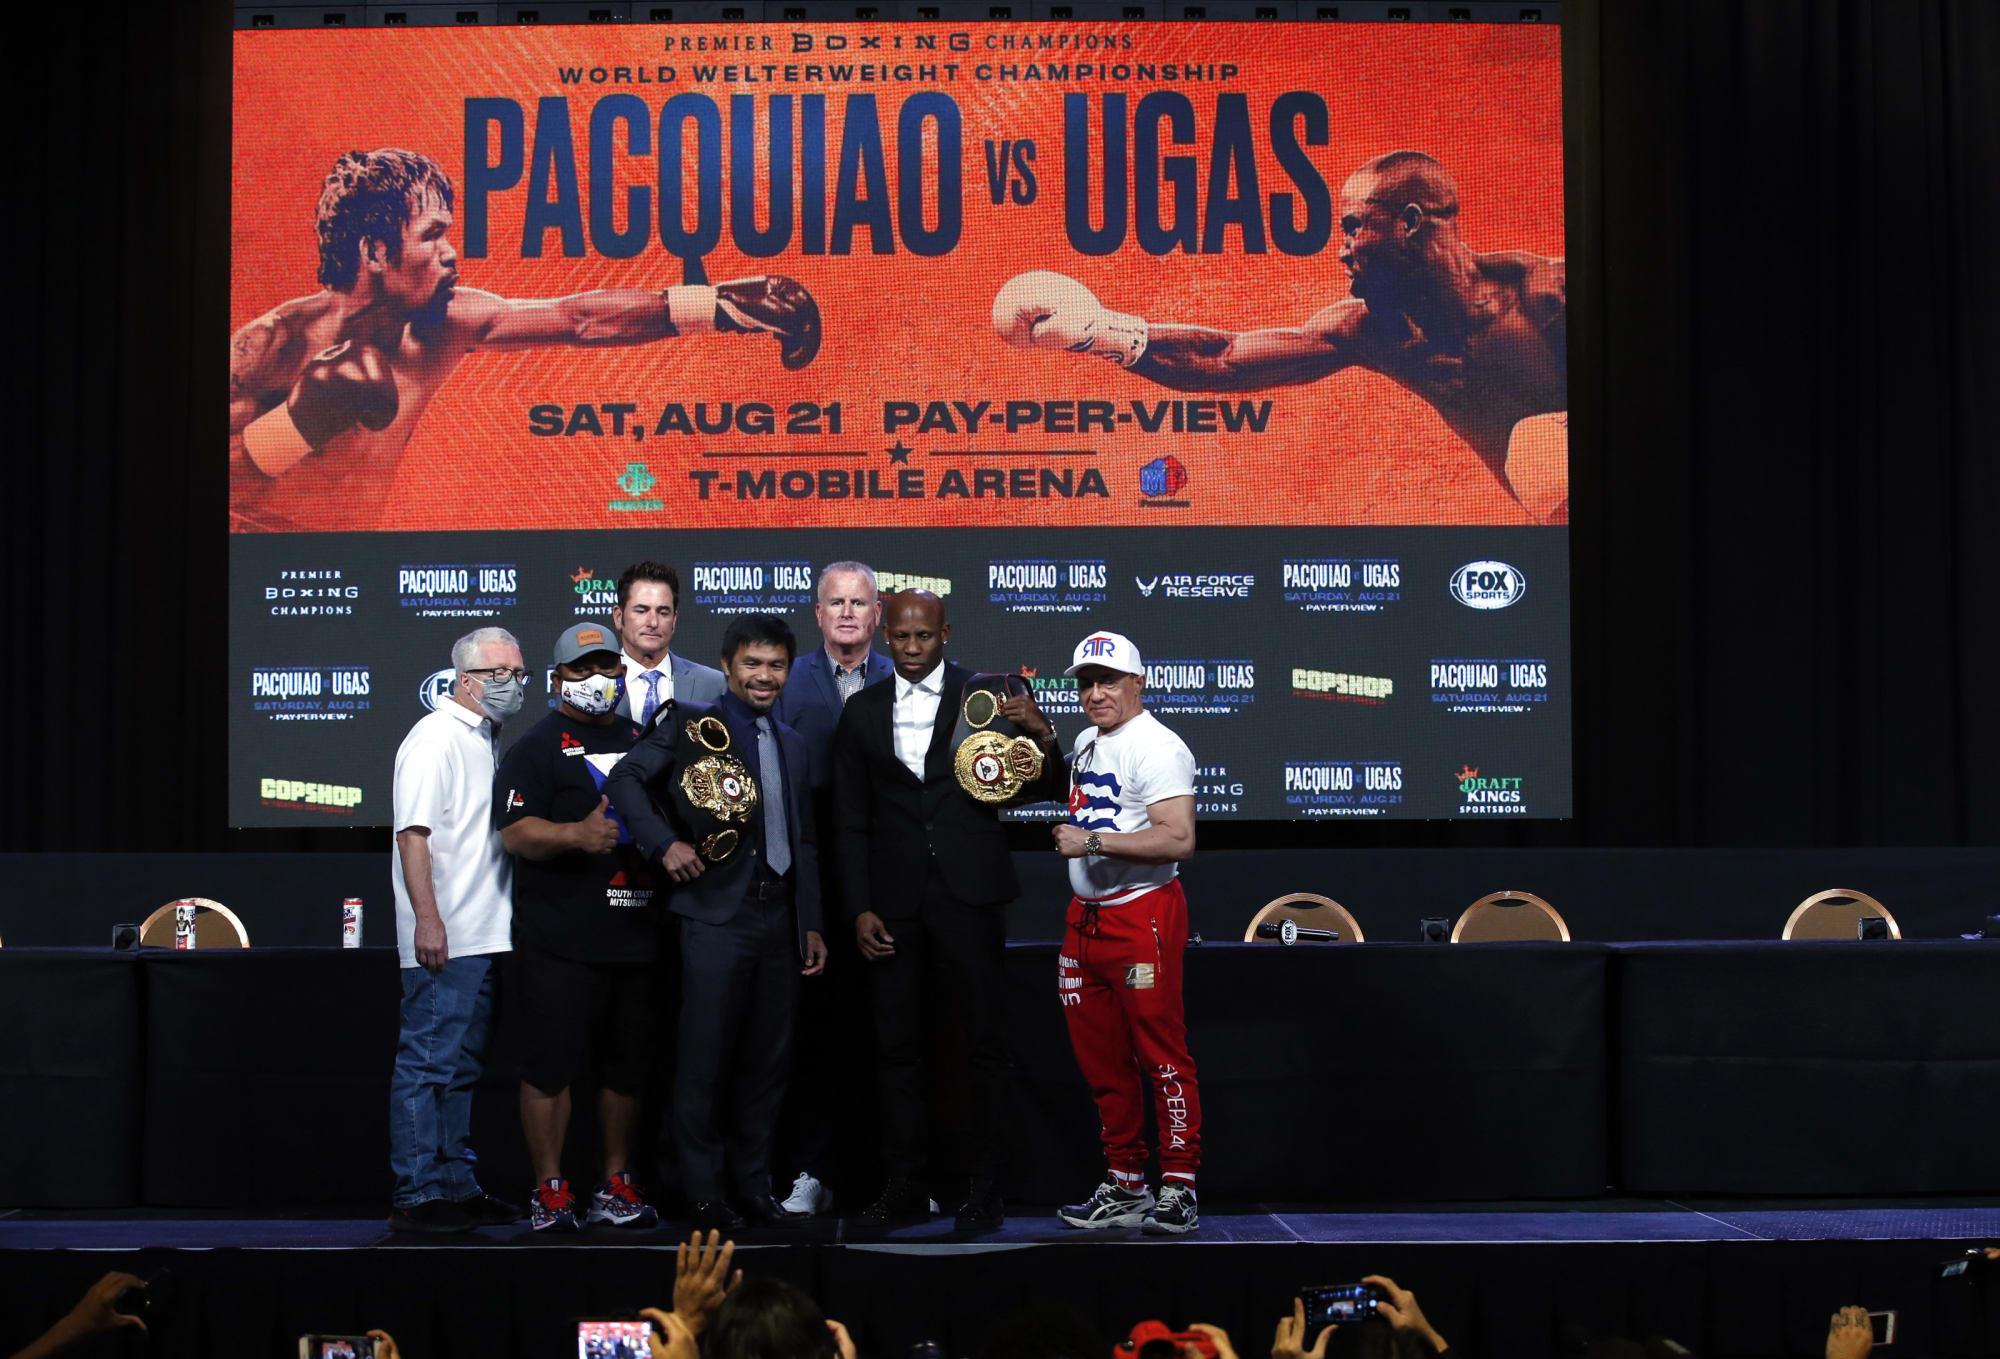 Cuotas de apuestas completas de Manny Pacquiao vs.Yordenis Ugás